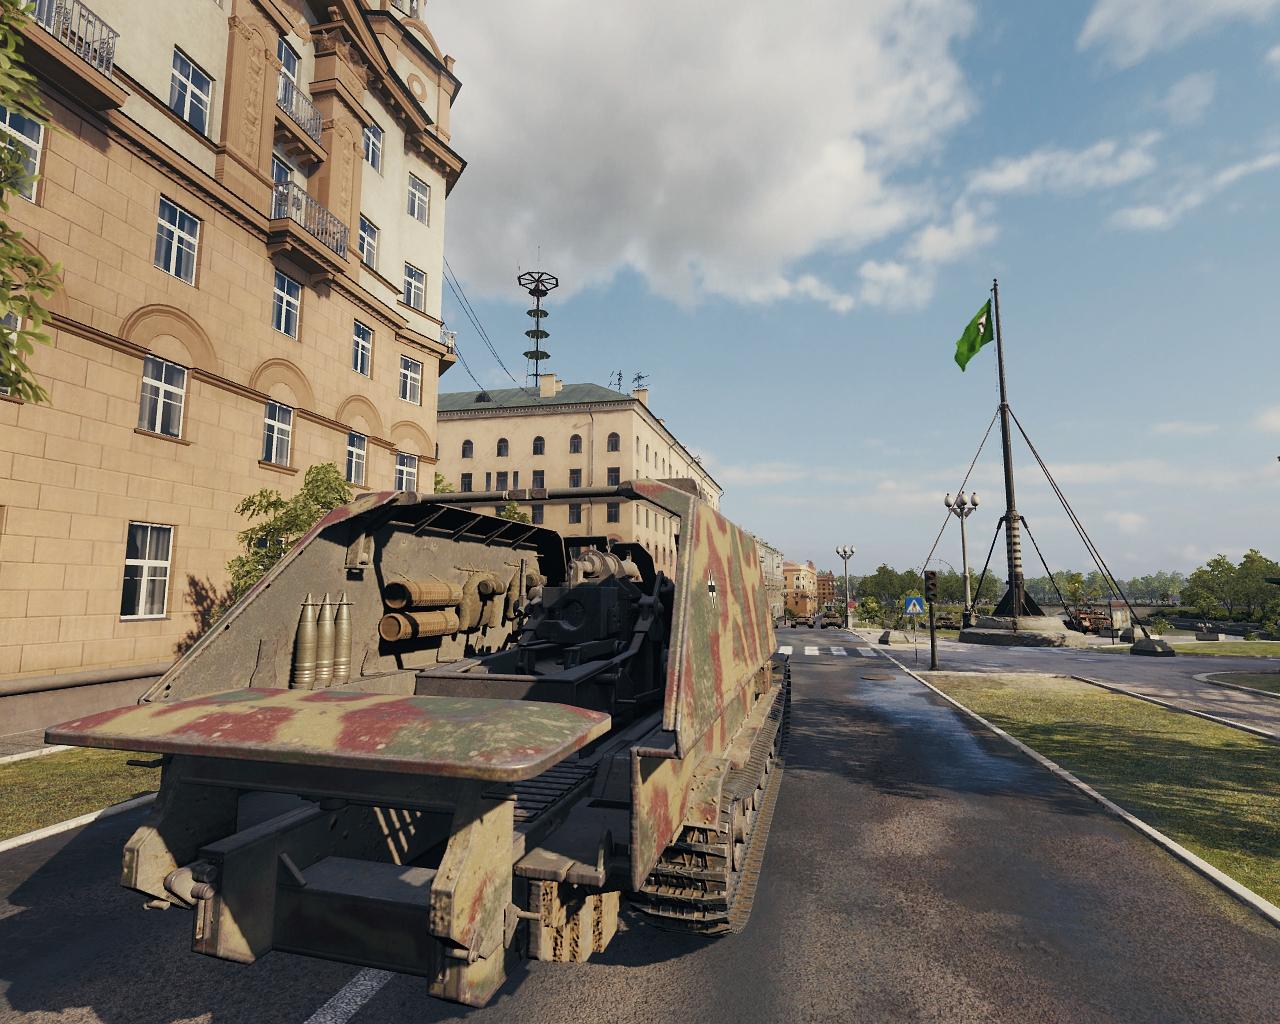 shot_022.jpg - World of Tanks